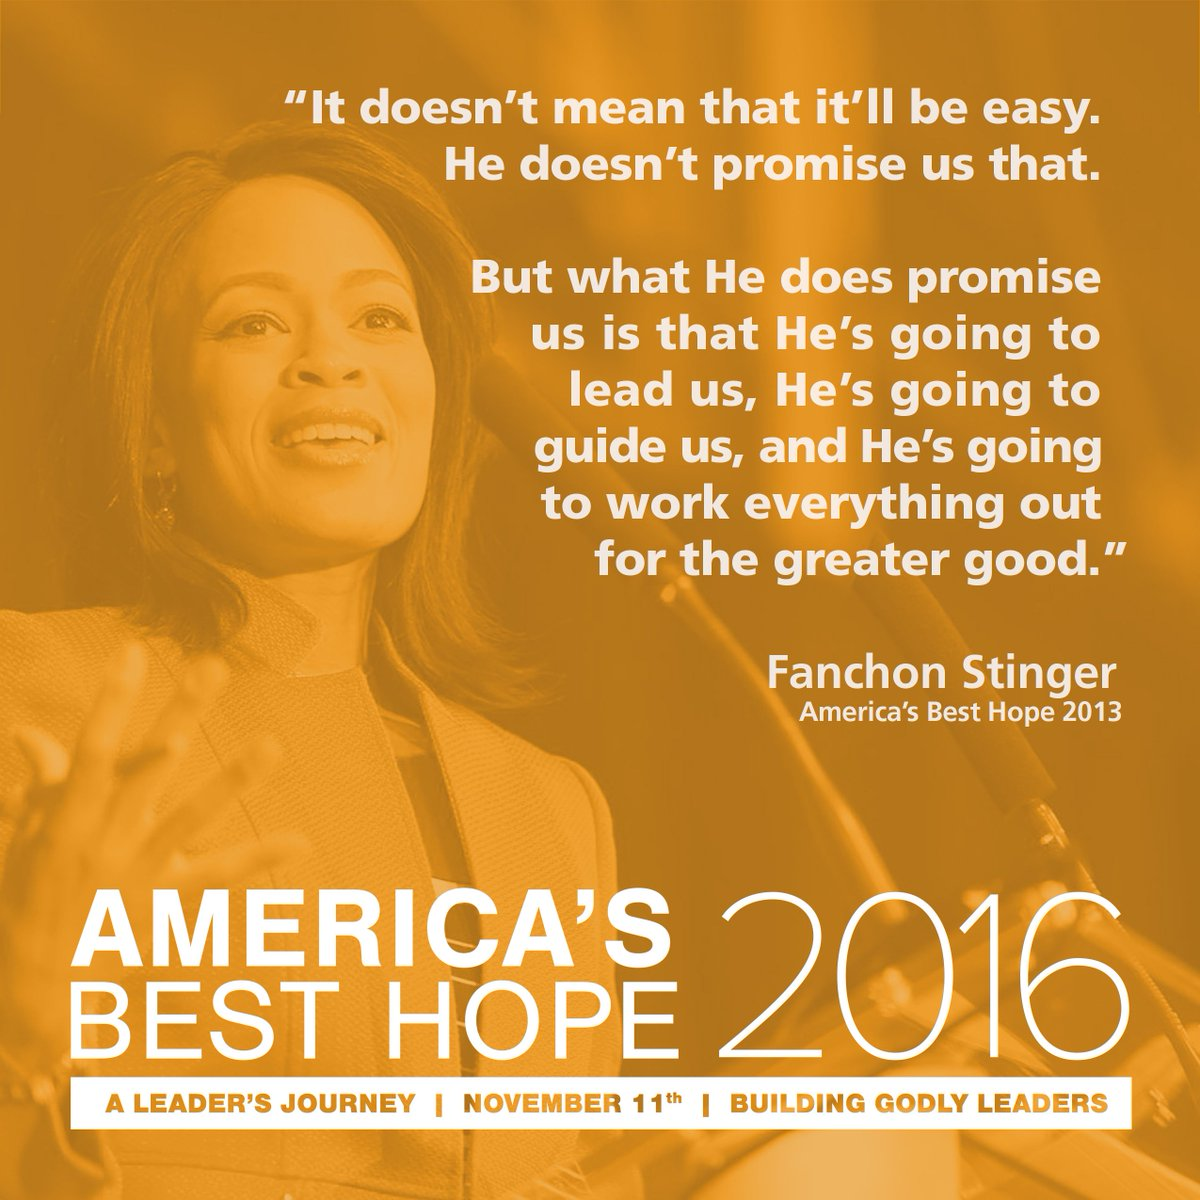 Americas Best Hope